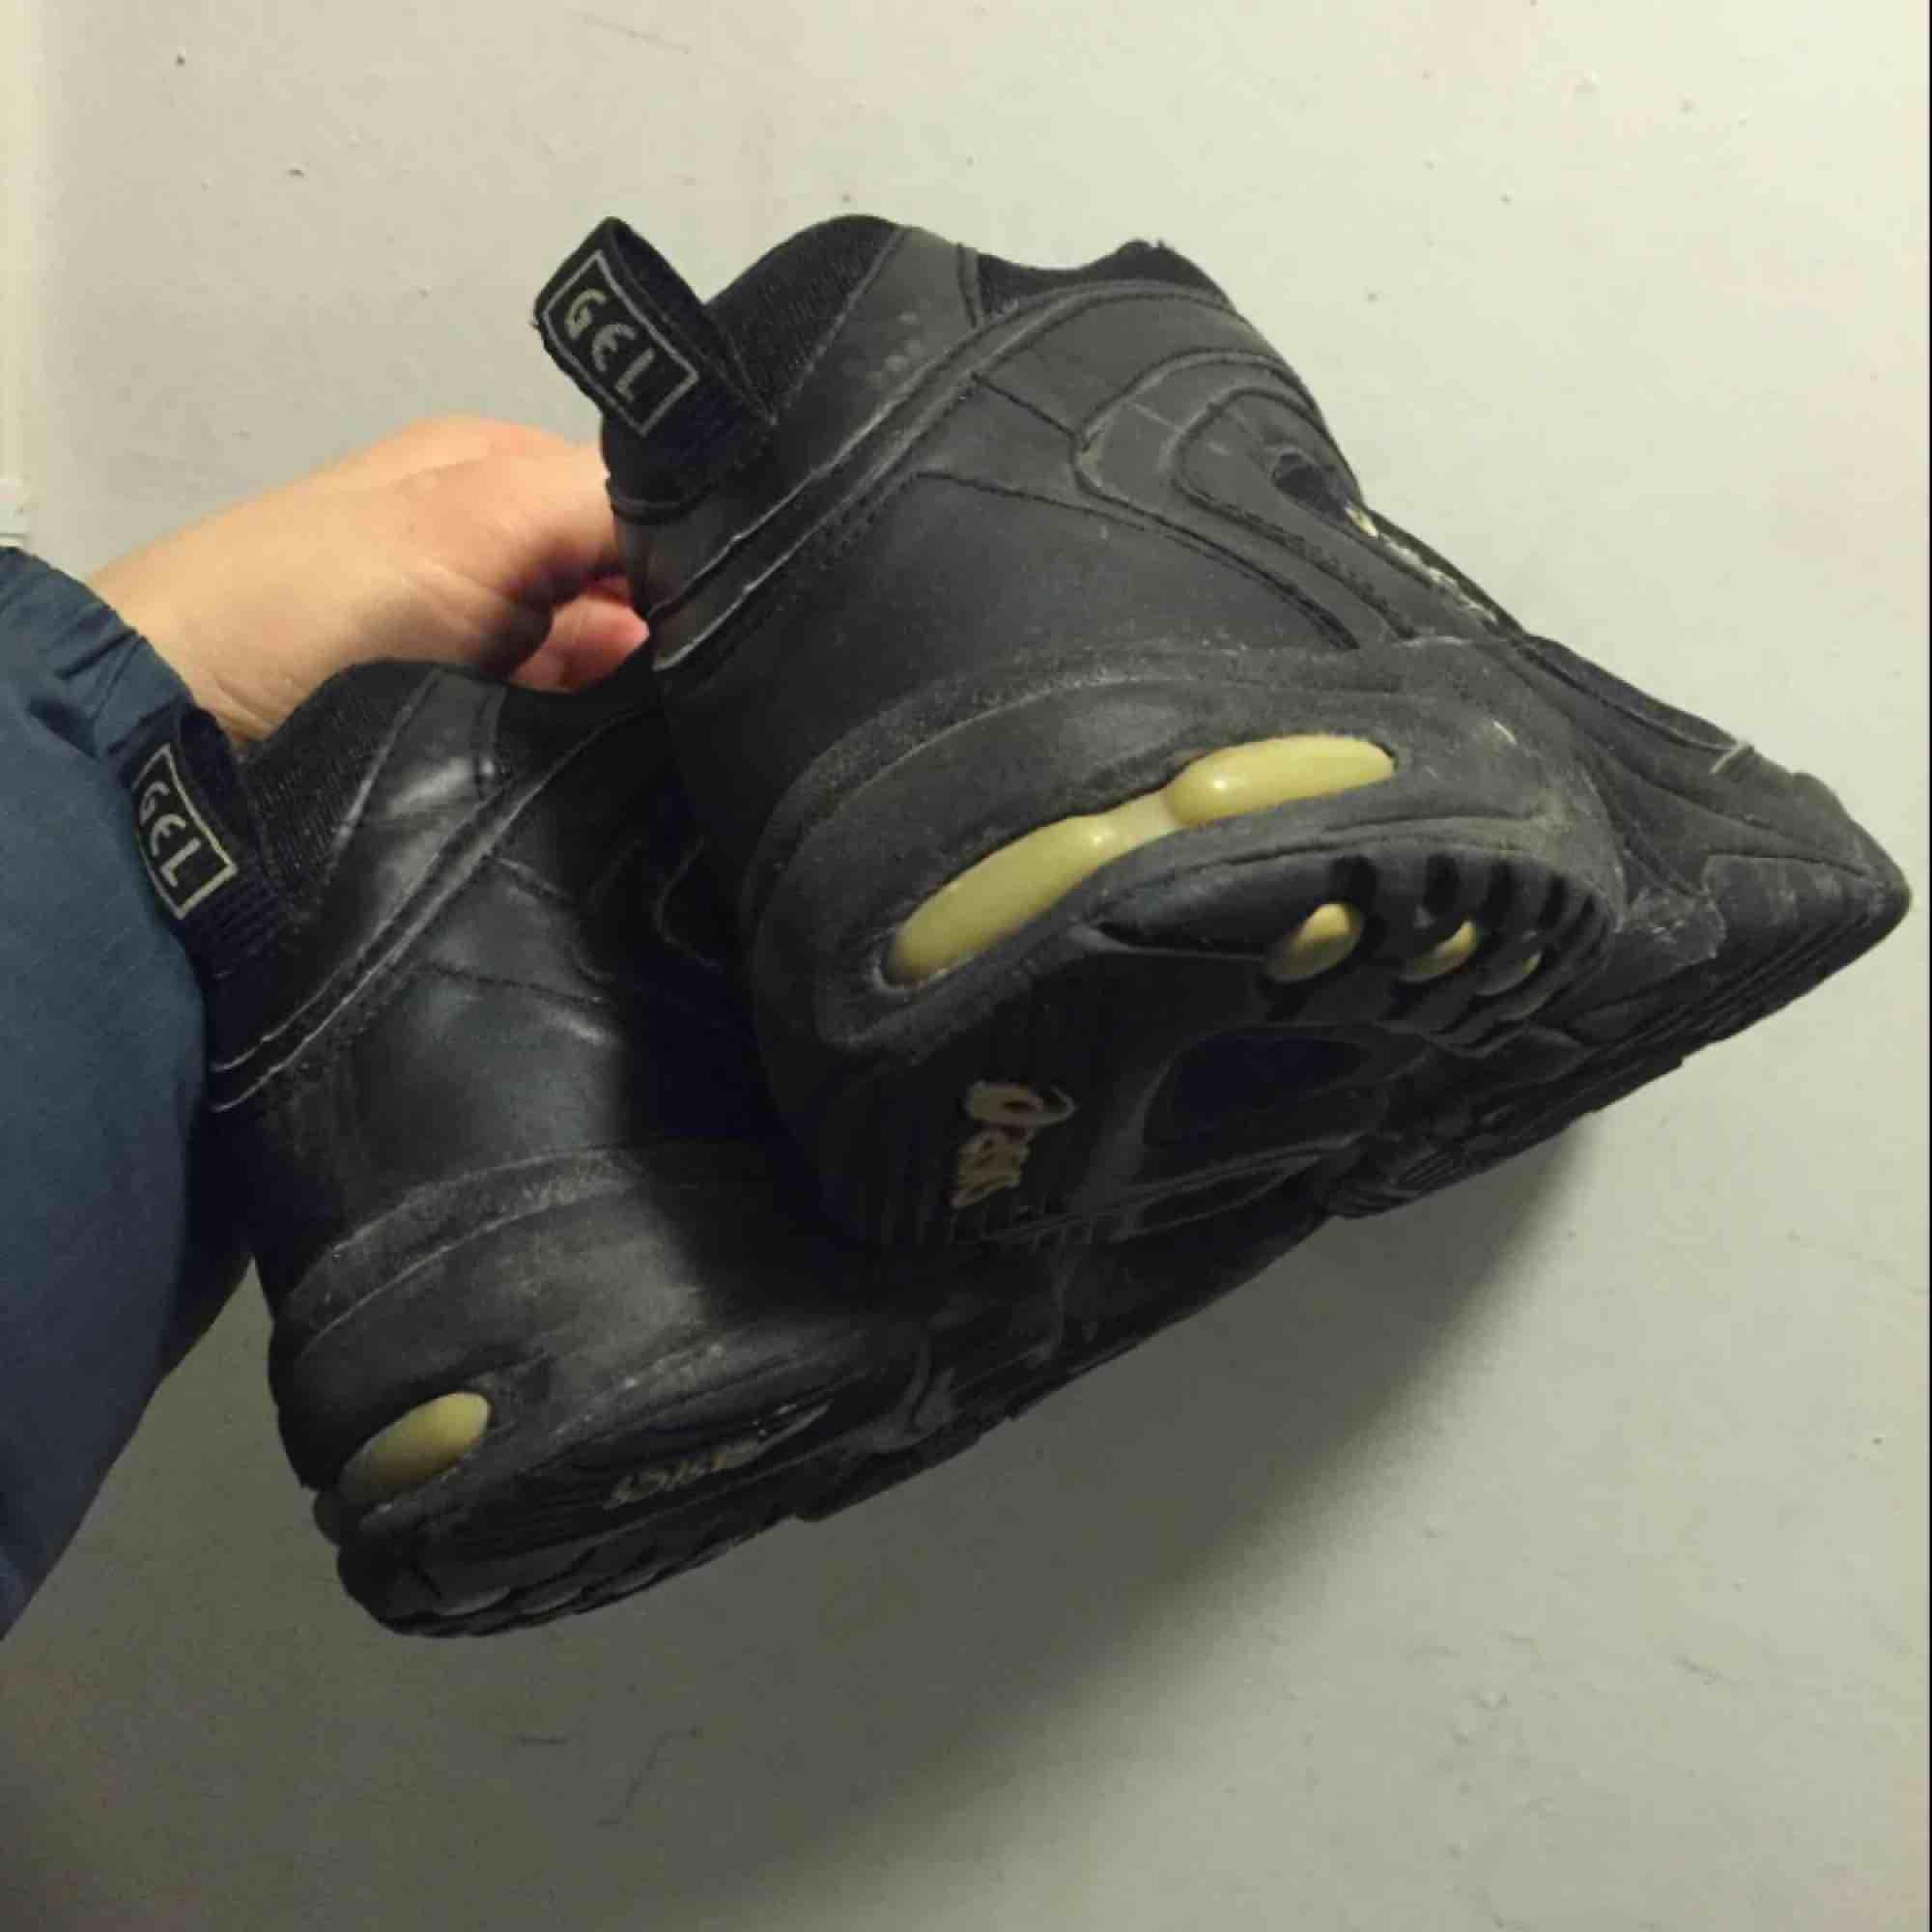 skor med gelsula